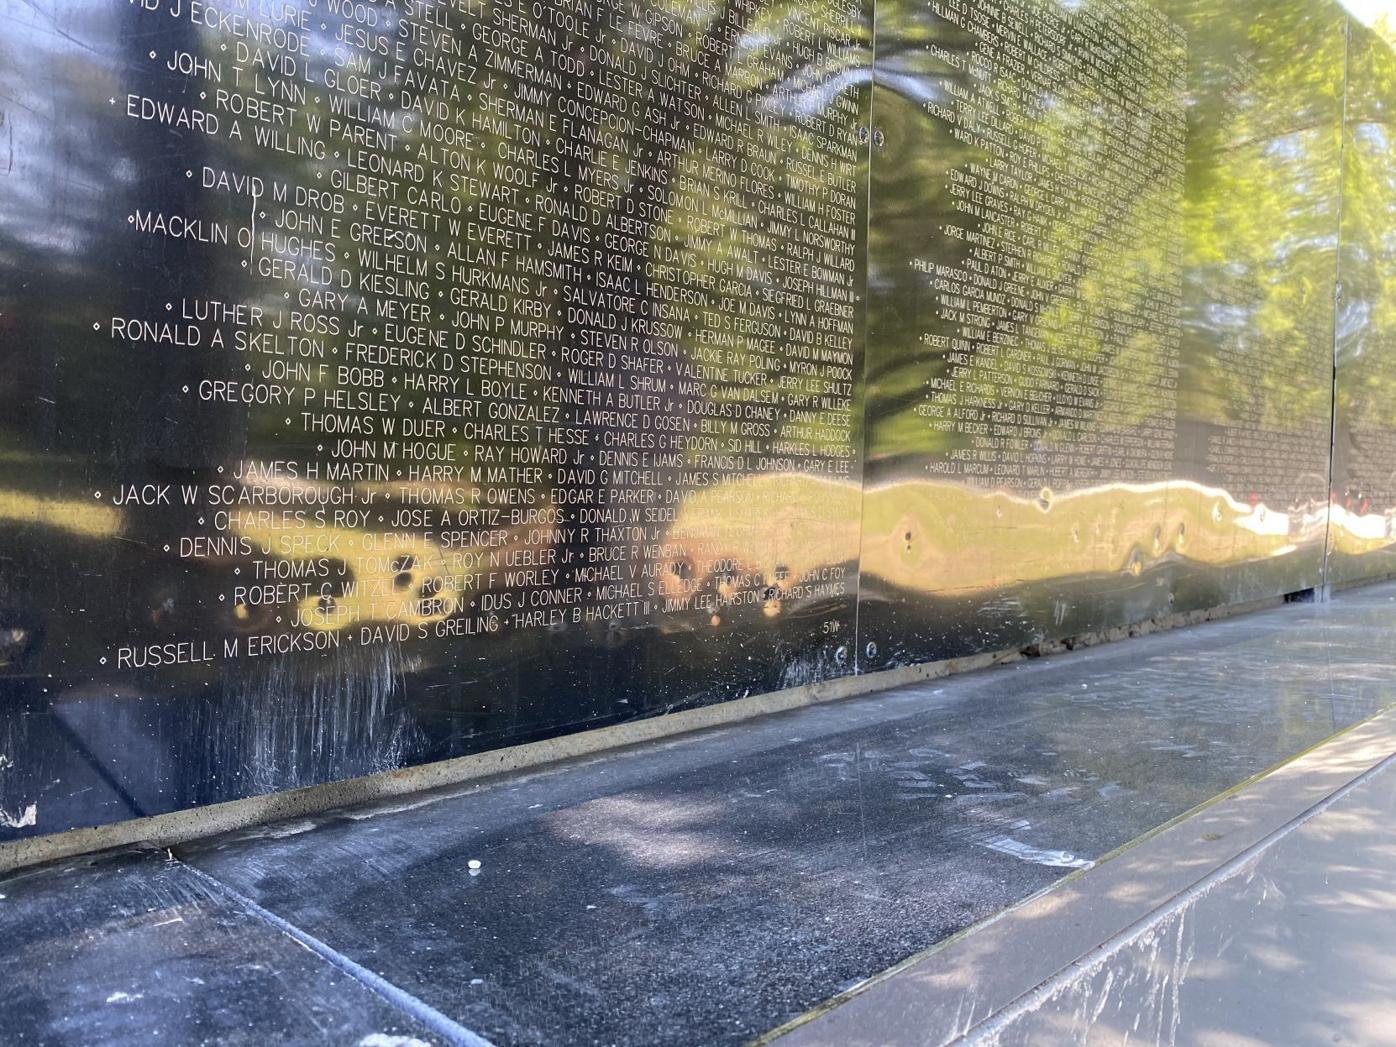 Vietnam Veterans Memorial Suffers Damage From Vandals Johns Creek Herald Northfulton Com